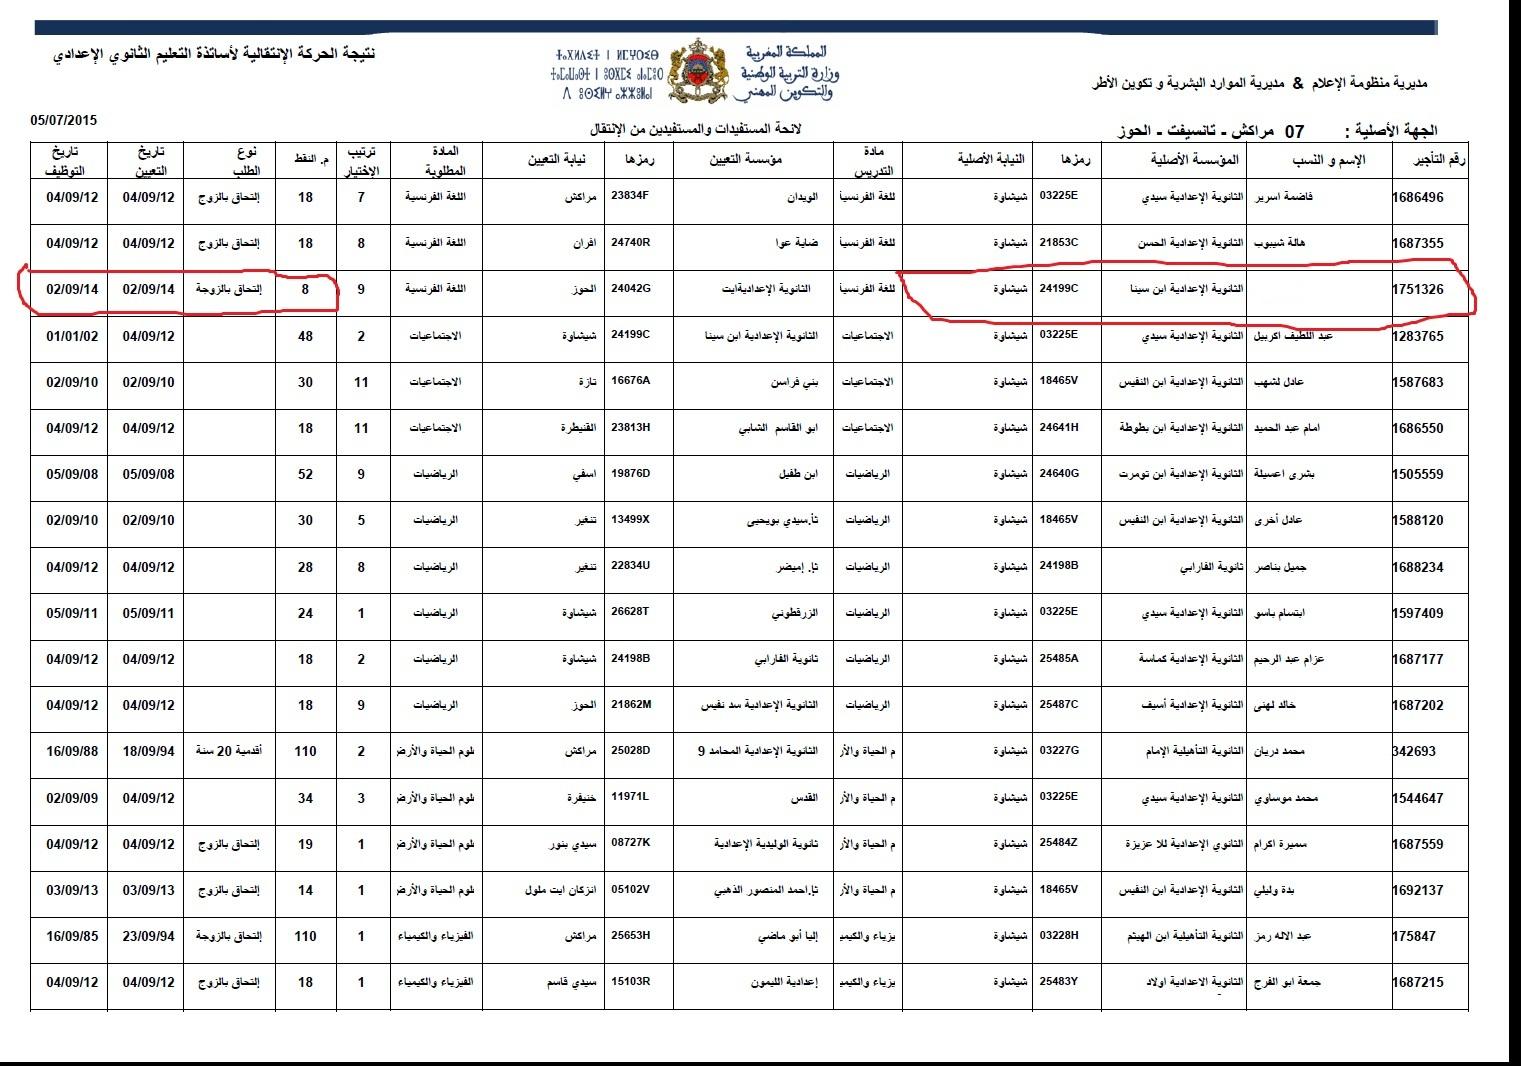 نسخة من النتائج : تم إزالة أسماء المعنيين لأن المخاطب هو الإدارة - صفحة 42 من نتائج الإعدادي